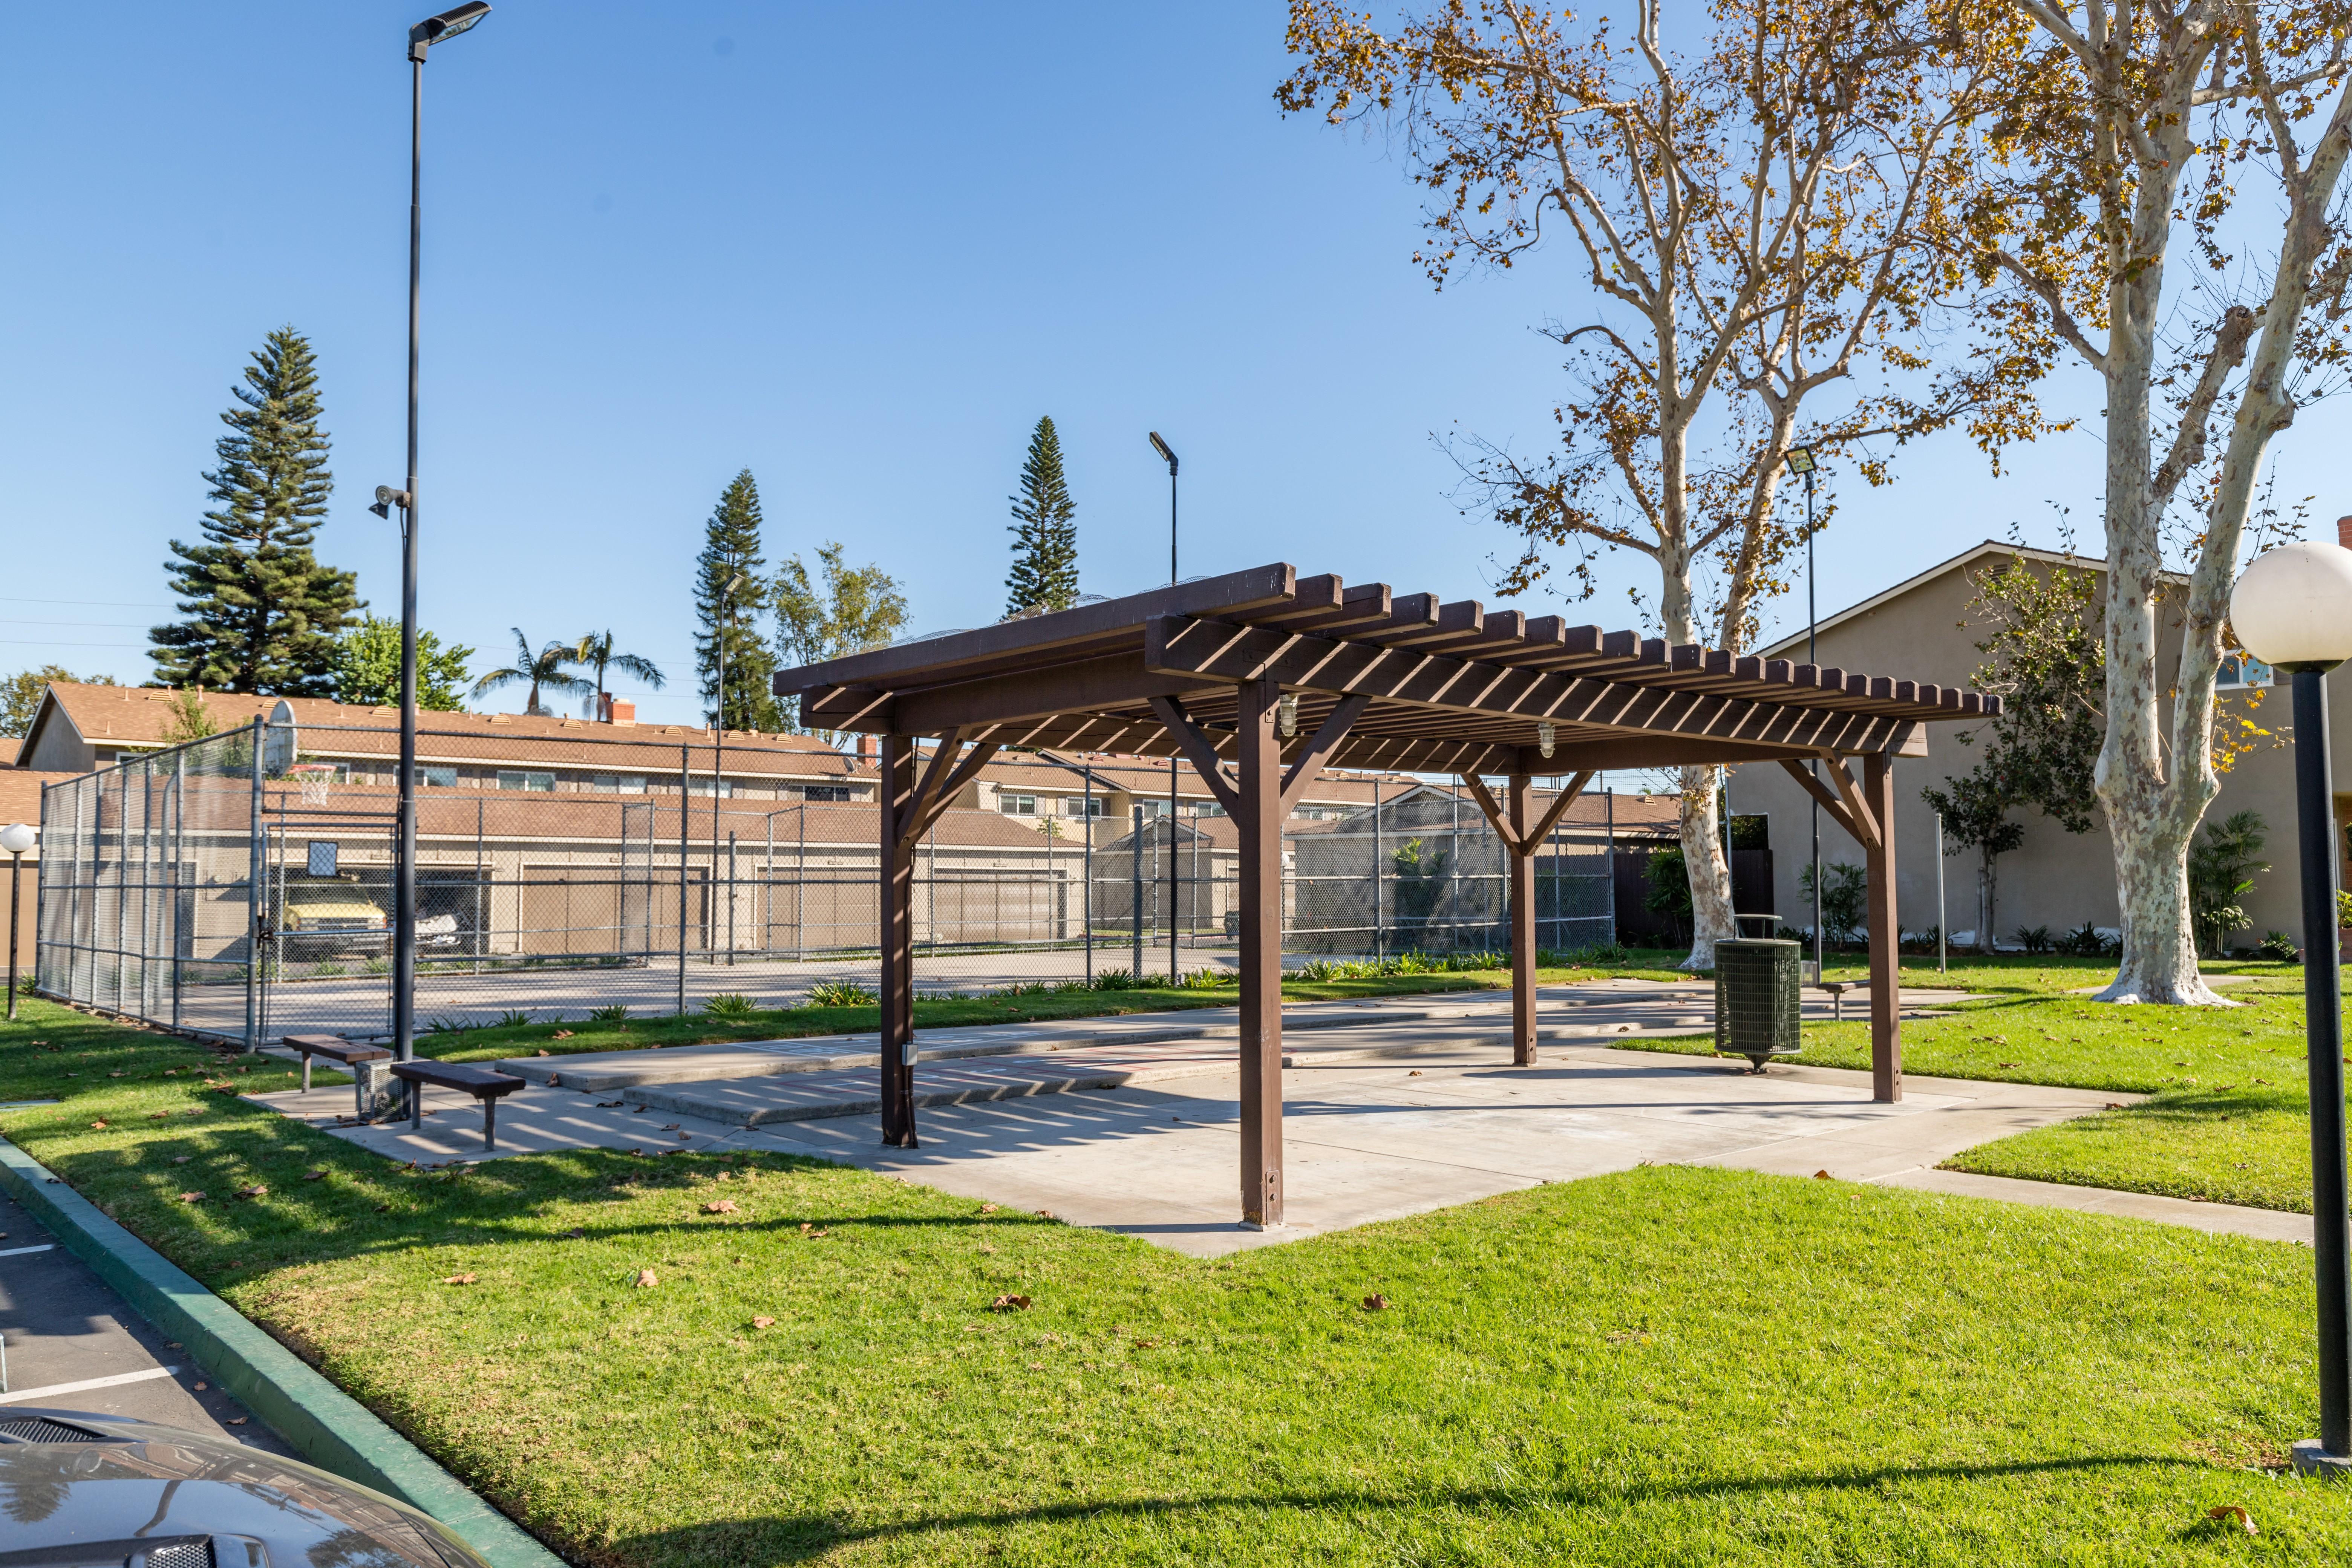 10206 Sycamore Canyon Rd. Moreno Valley, CA 92557